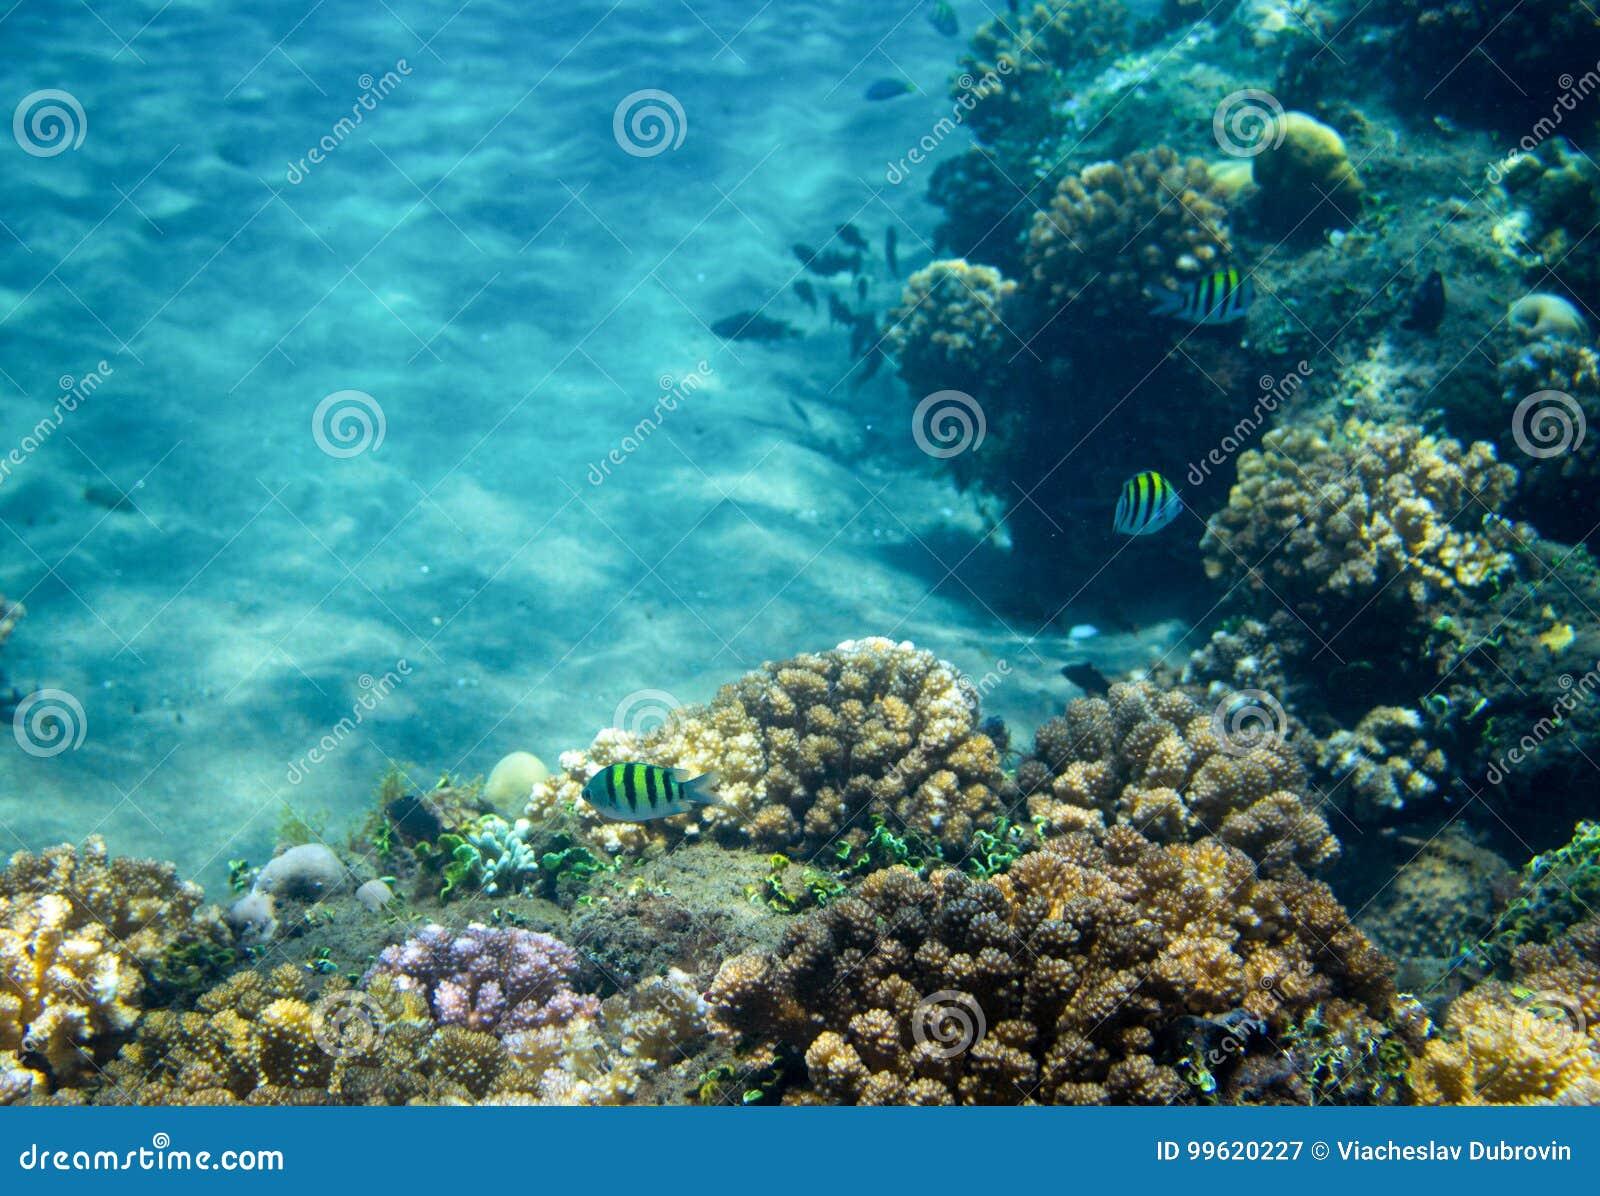 Sea fish school in coral reef. Tropical seashore inhabitants underwater photo.